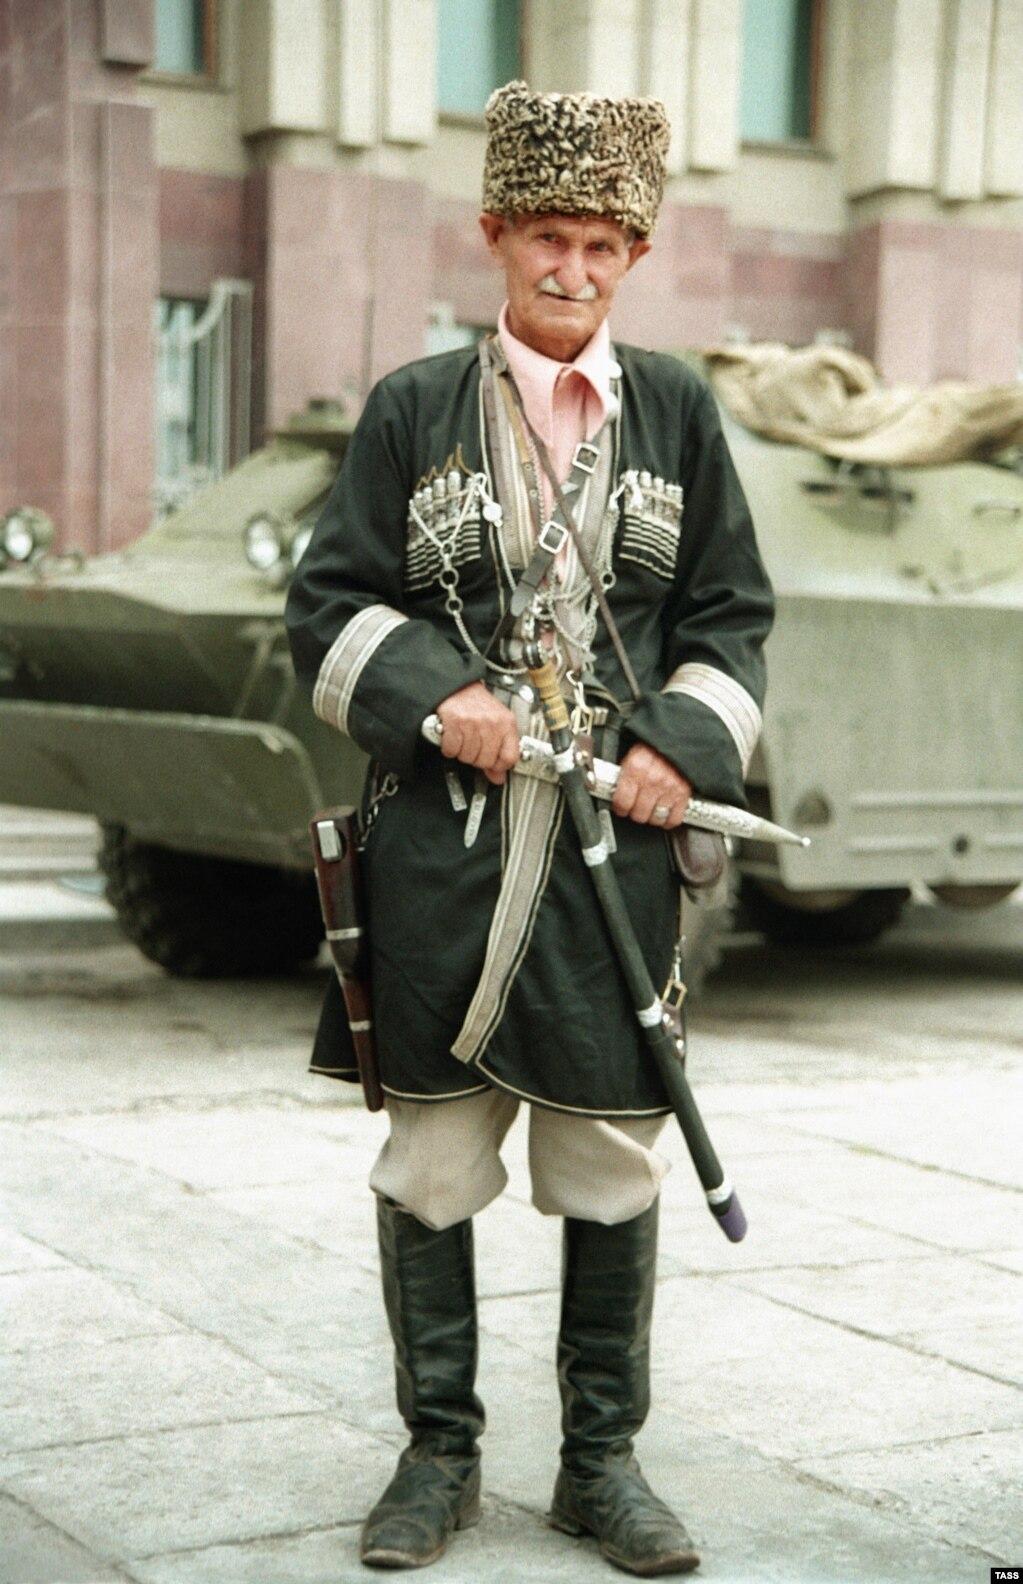 """Шешенстан тұрғыны. 1994 жылы түсірілген сурет. Кремль Ресей билігімен келіспеген шешендерге қатты қысым жасады. Александр Солженицын ГУЛАГ-та бір камерада отырған шешенді шешендер """"Совет одағының айтқанына көнбей қойды"""" деп жазды."""